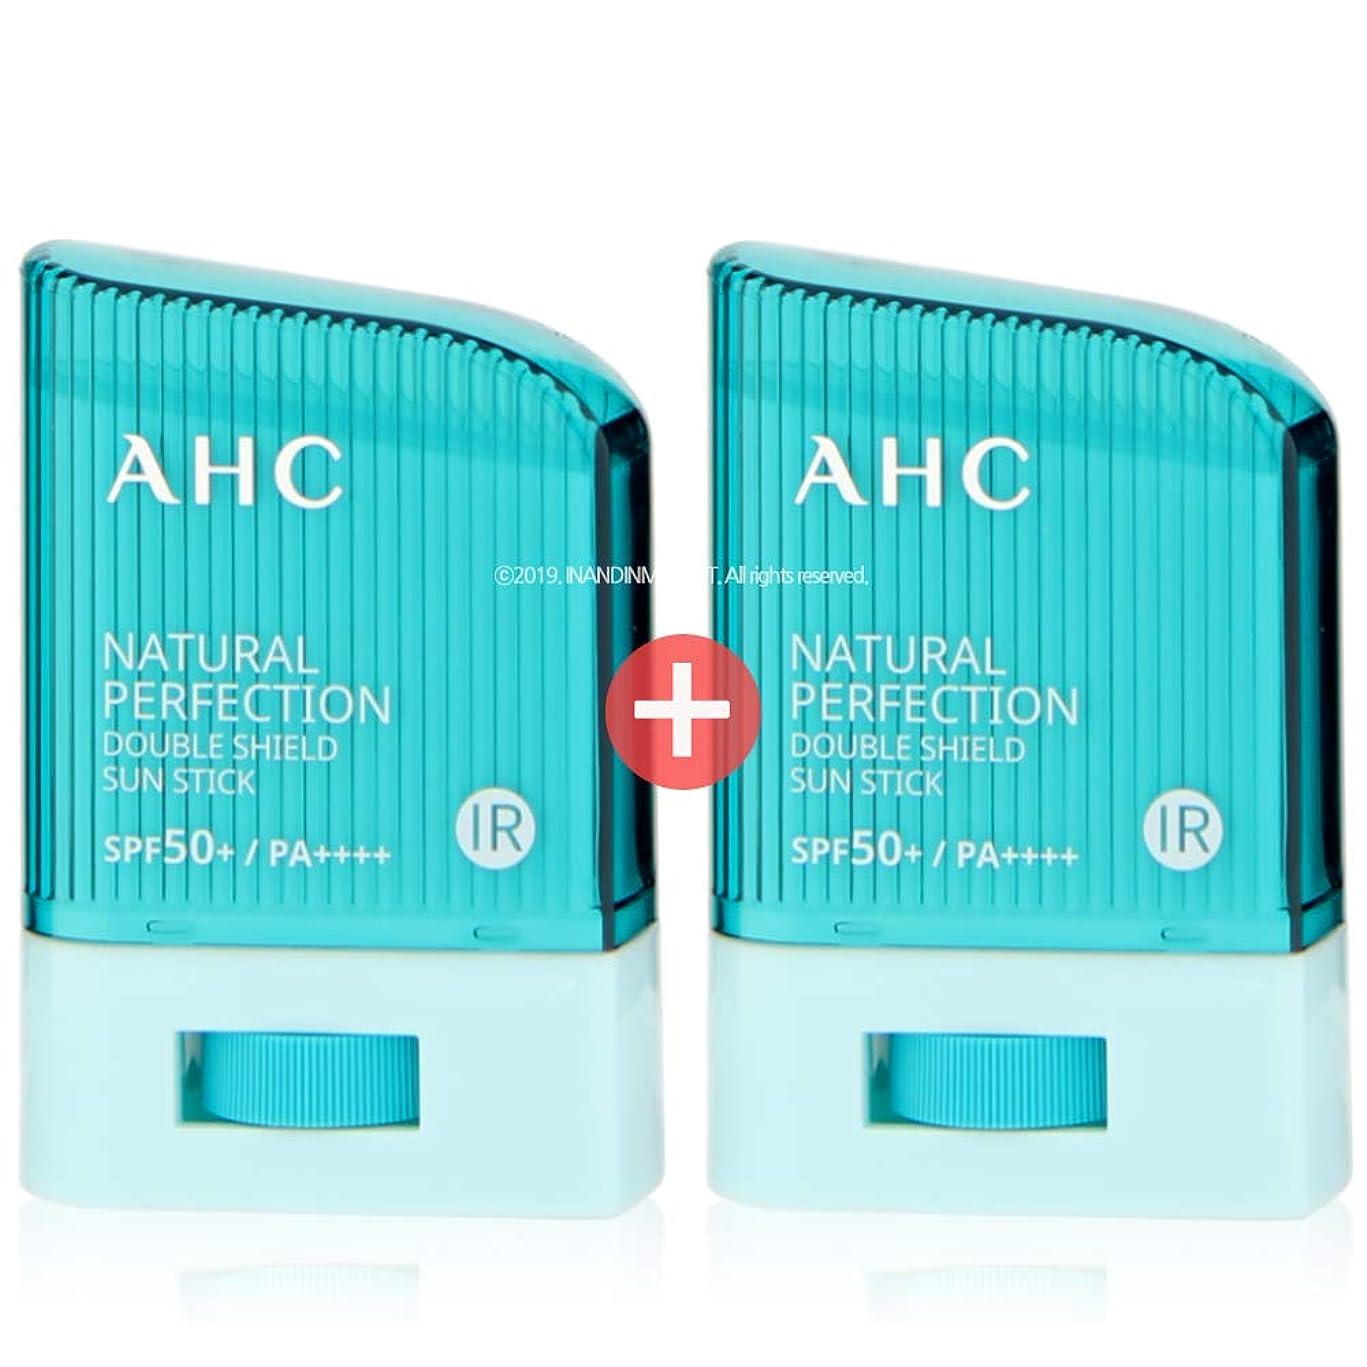 エーカーセンター飼い慣らす[ 1+1 ] AHC ナチュラルパーフェクションダブルシールドサンスティック 14g, Natural Perfection Double Shield Sun Stick SPF50+ PA++++